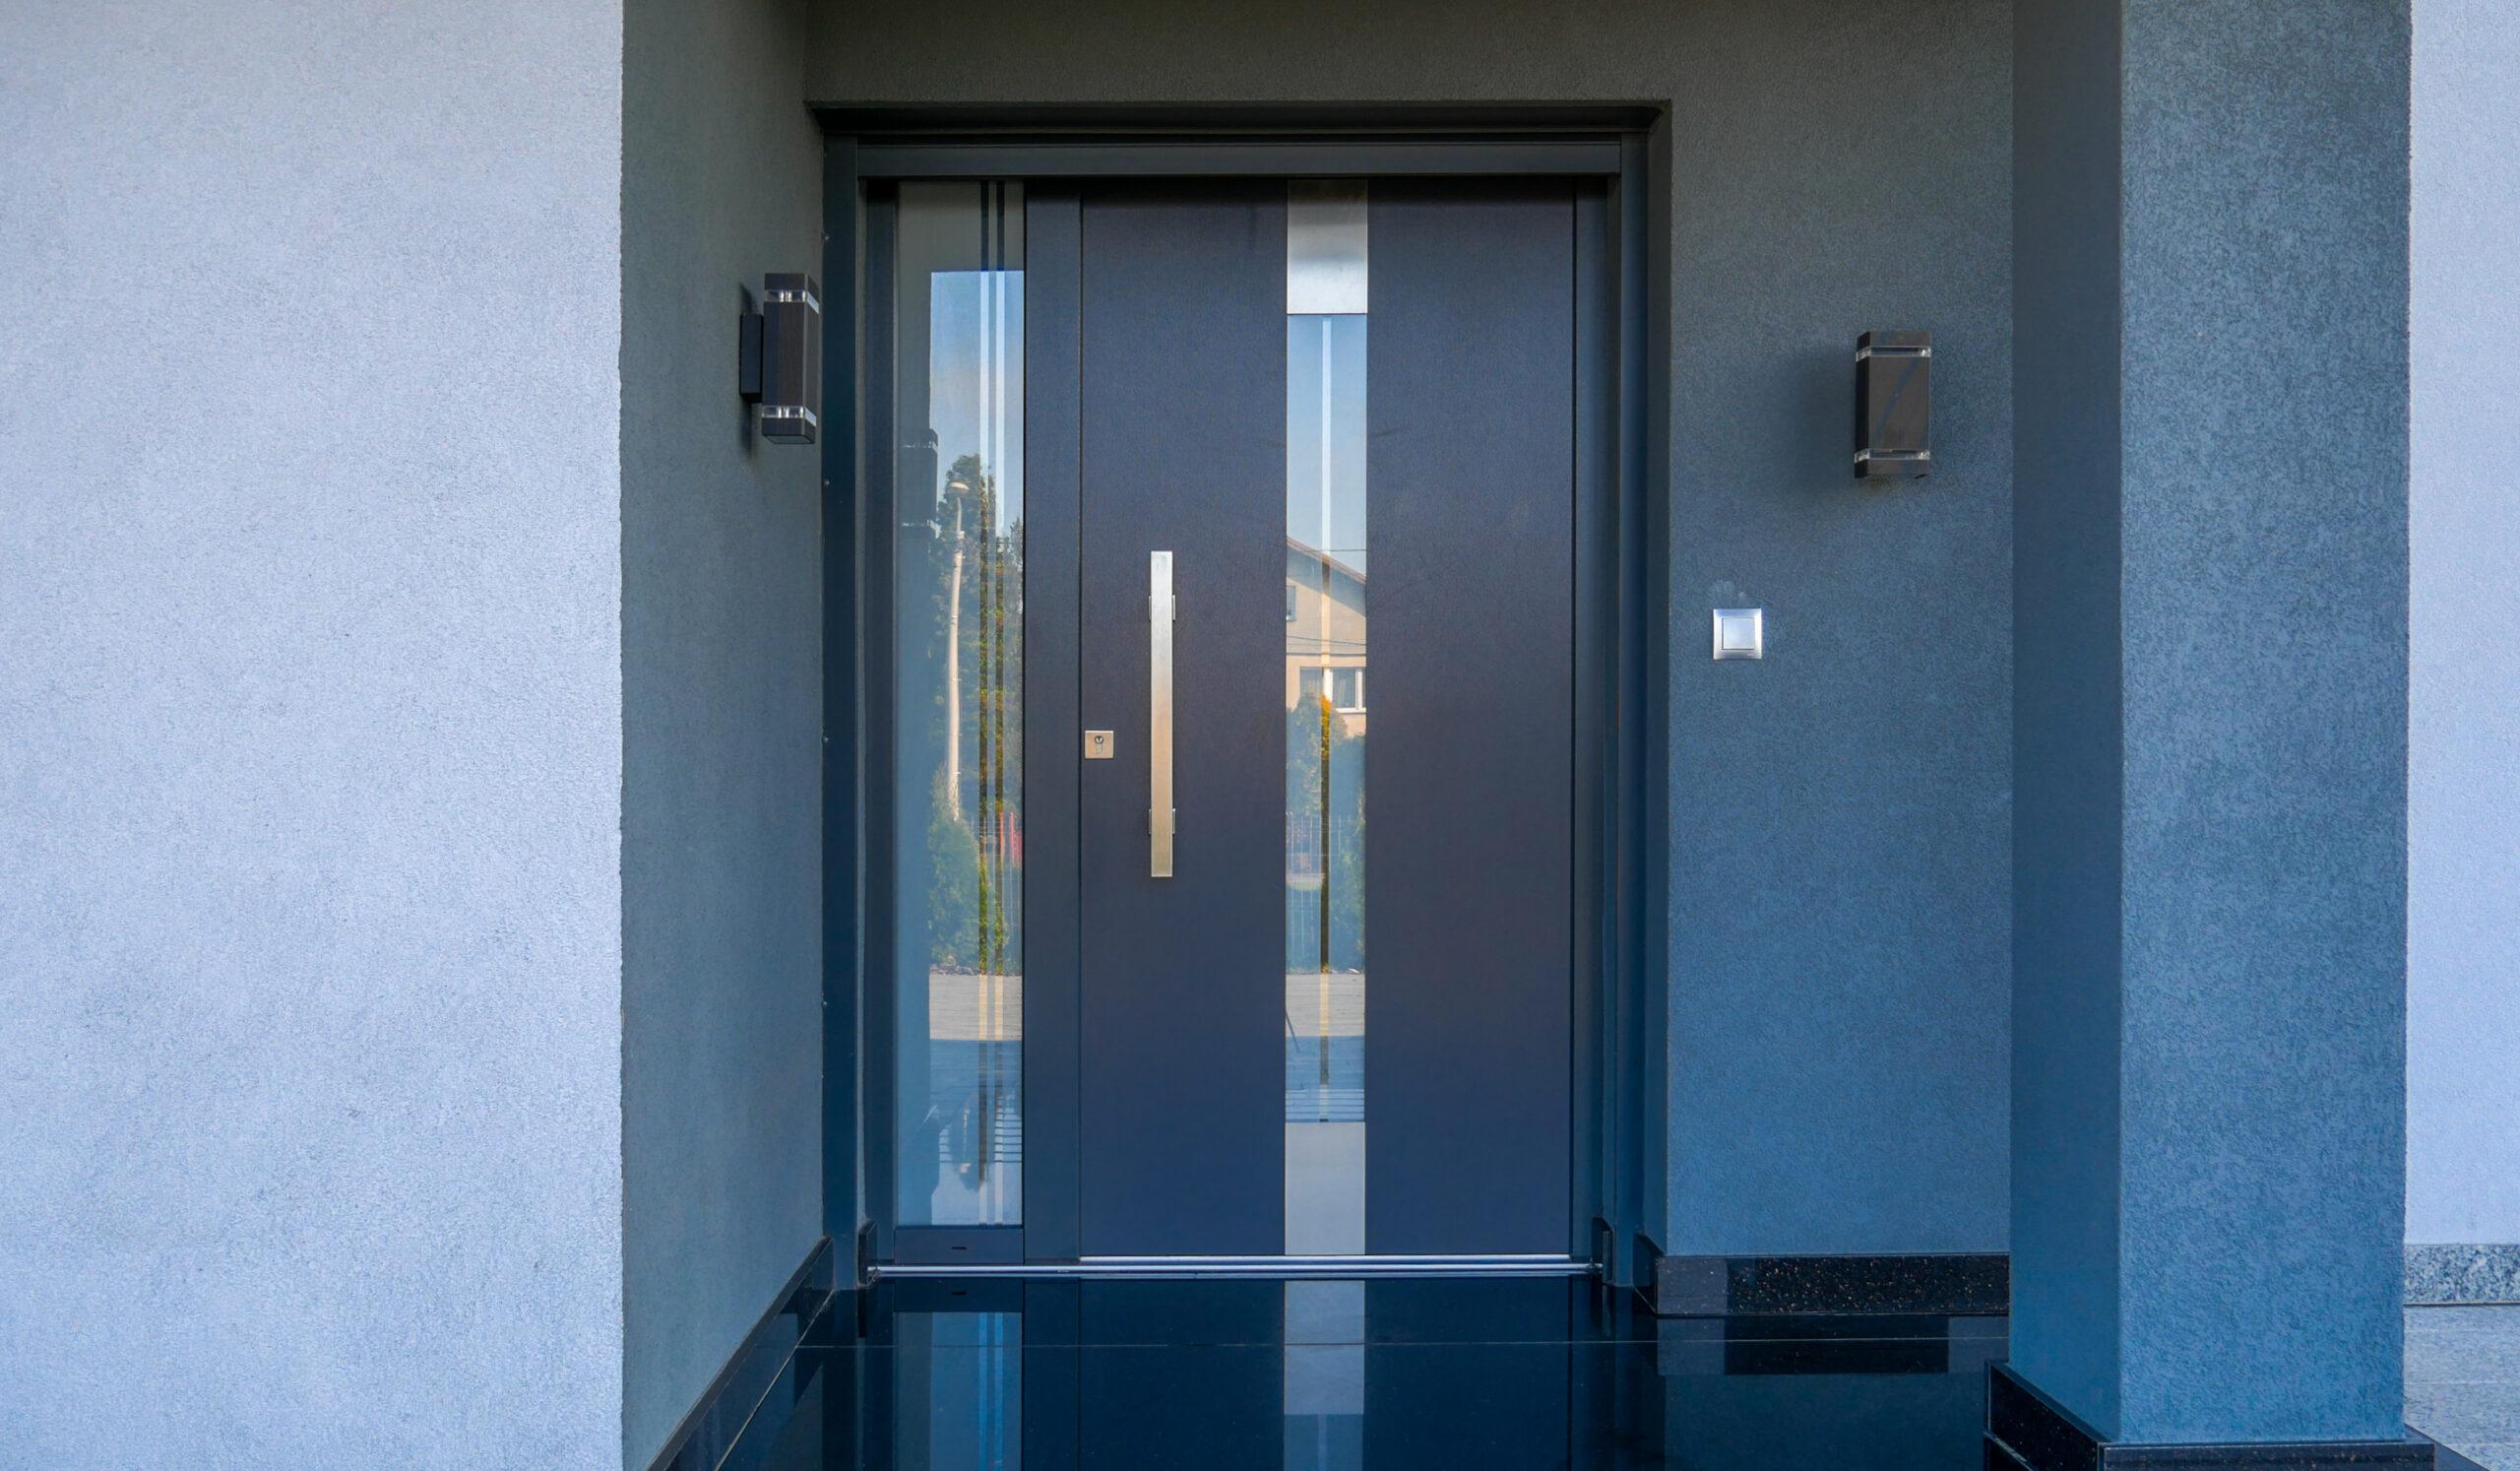 drzwi do nowego domu molitor 8 (1 of 1)